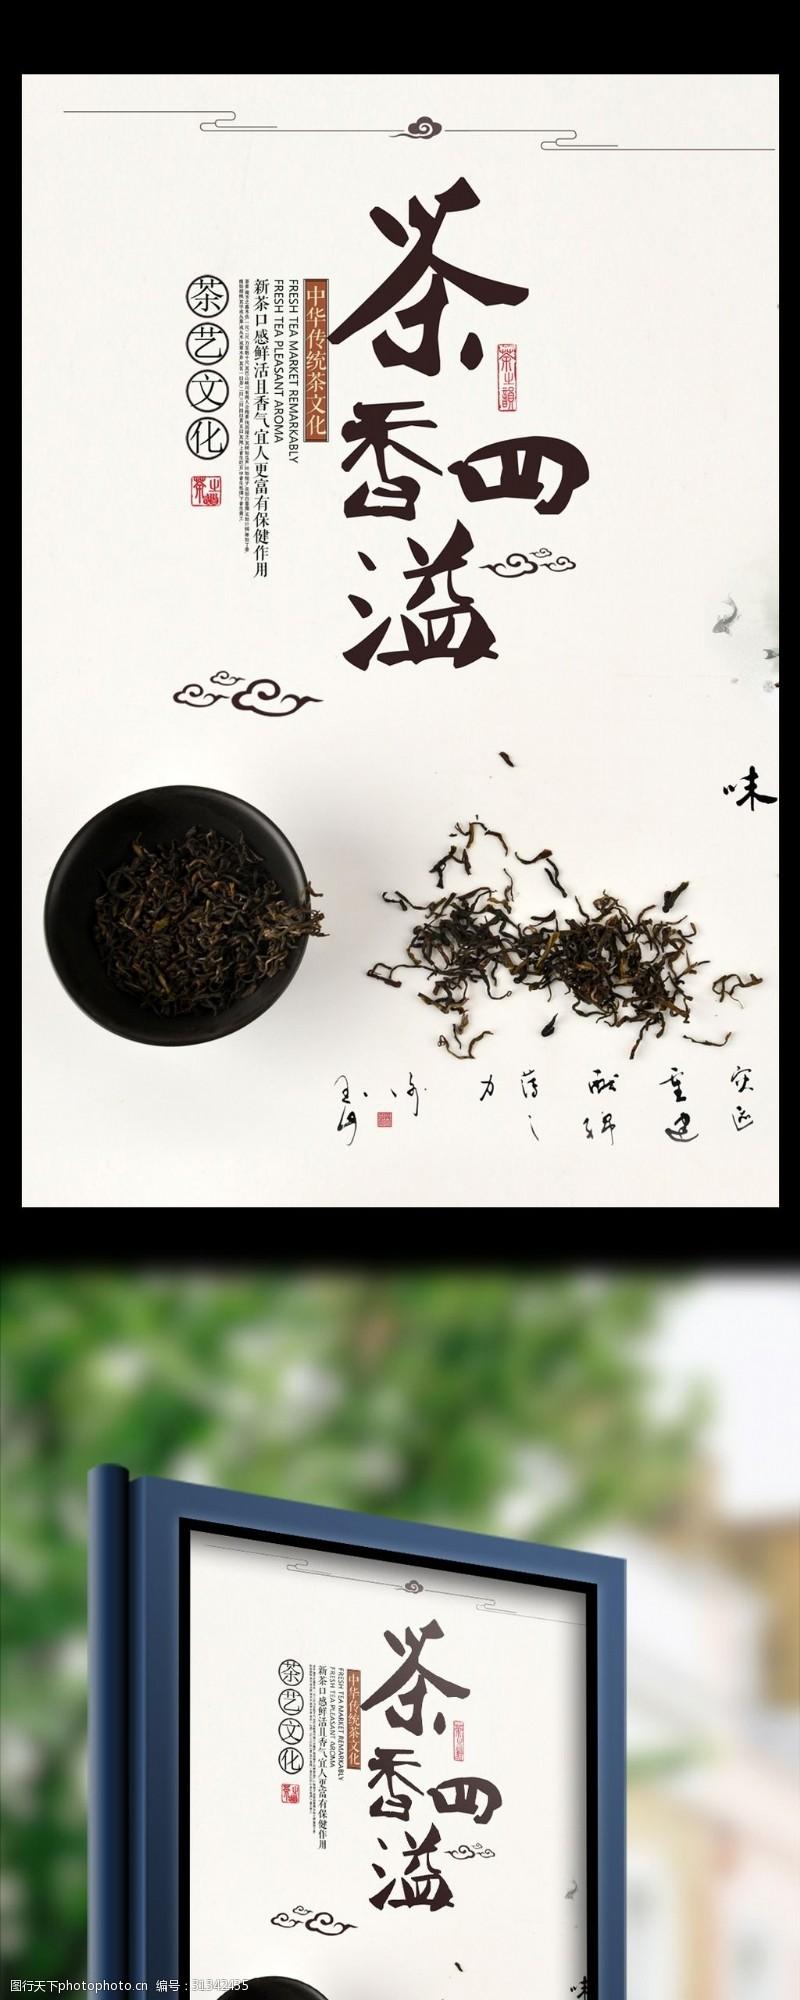 以茶会友中国风茶香四溢海报